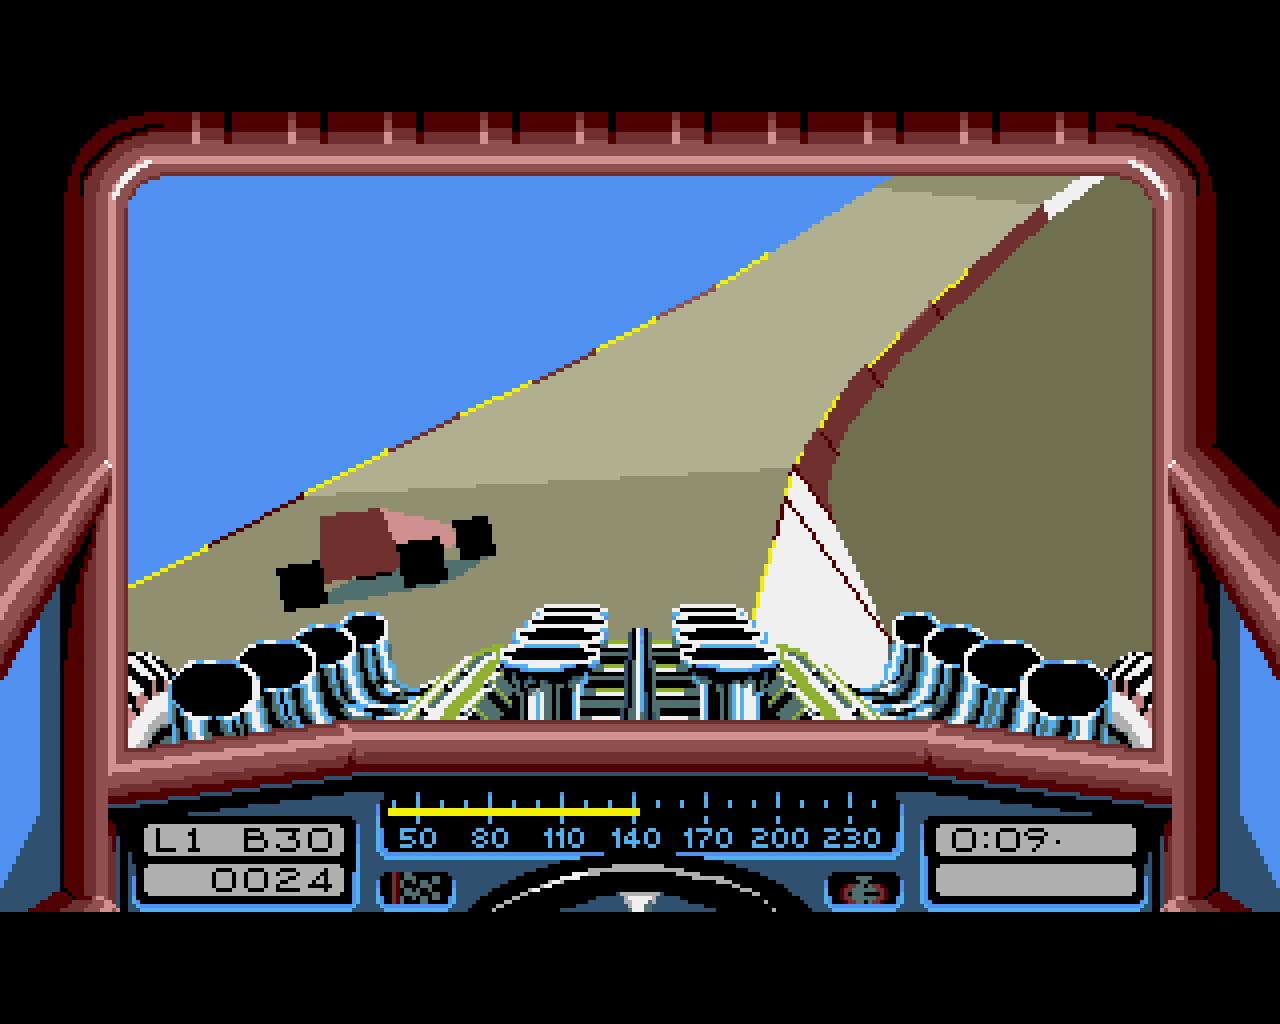 Für mich das Beste Spiel auf dem Amiga. Noch mehr Spaß machte ein Kopf an Kopf Rennen mit zwei Amigas, die über Nullmodem-Kabel miteinander verbunden waren. Ein unglaublich intensives Spiel-Erlebnis. (Bild: MicroStyle)